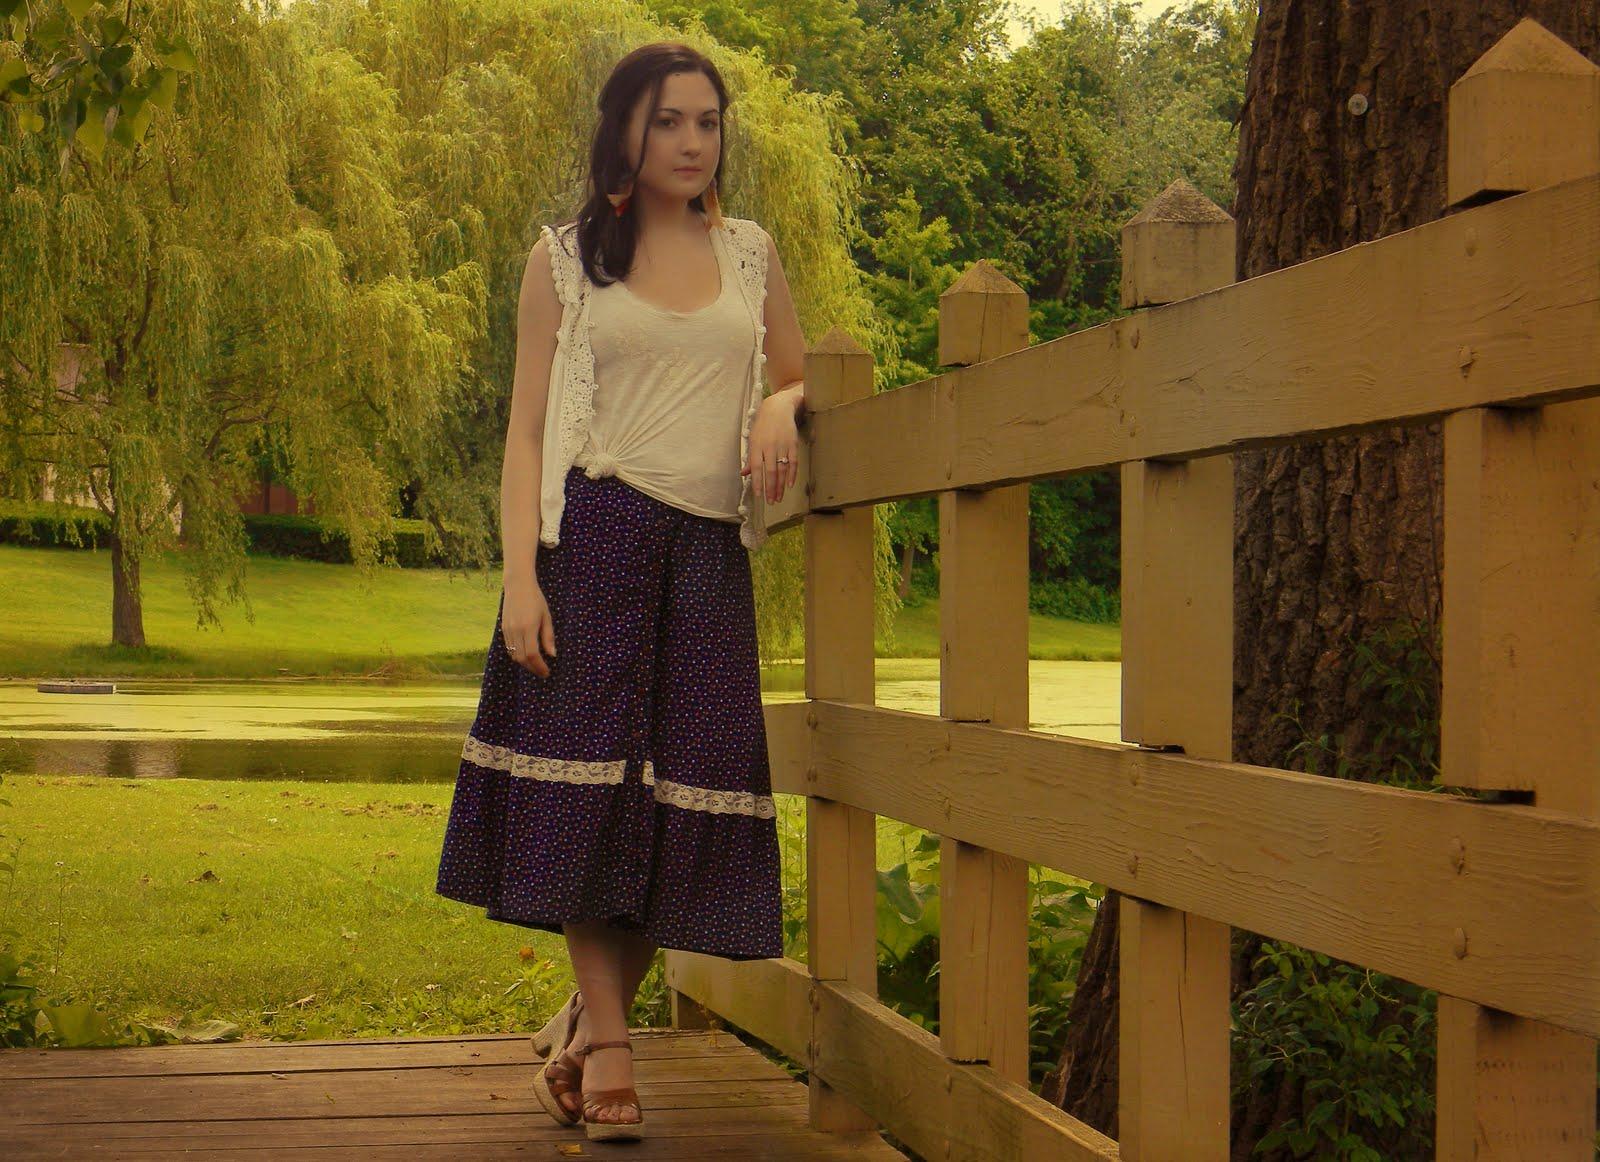 http://3.bp.blogspot.com/-o_GtGqs0IY4/TgDsUNvCHlI/AAAAAAAABBY/txlNCGdBHz0/s1600/Dress+Skirt+2.jpg